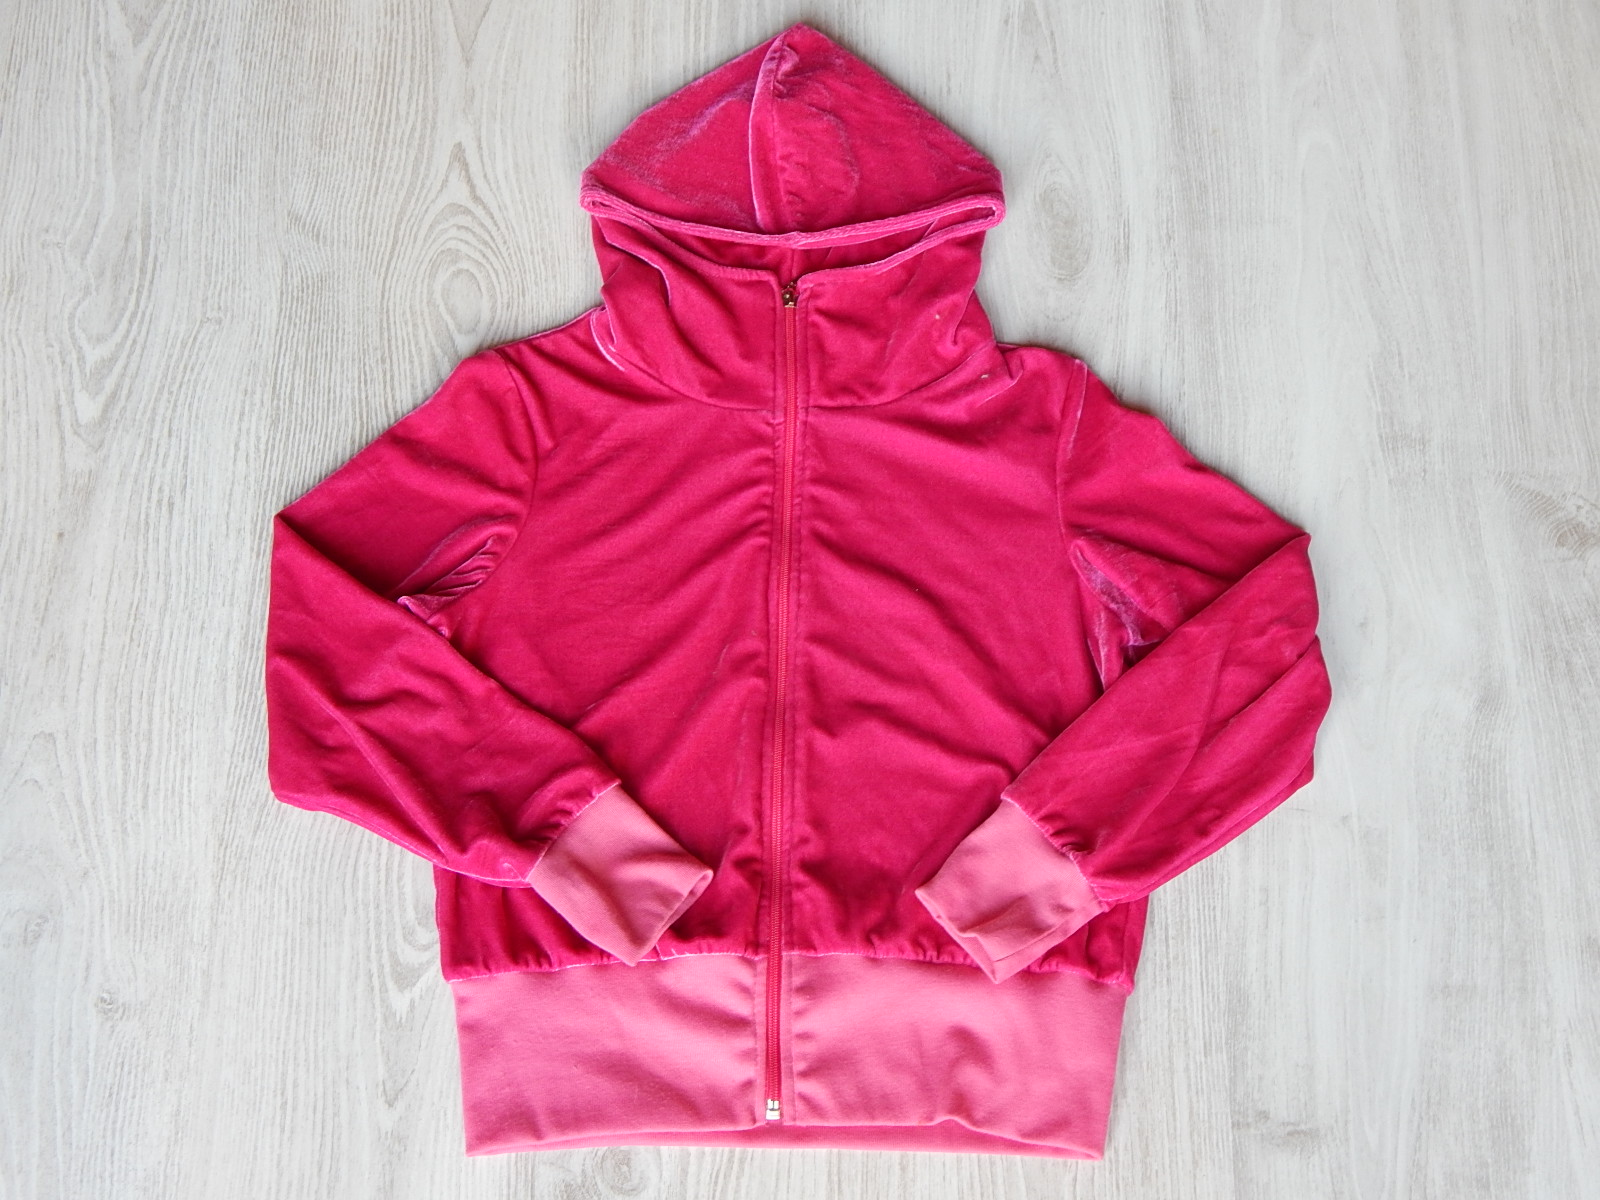 Termékek · Lány ruhák · 158-164 (13-14 év) · Pink 4c203d2838